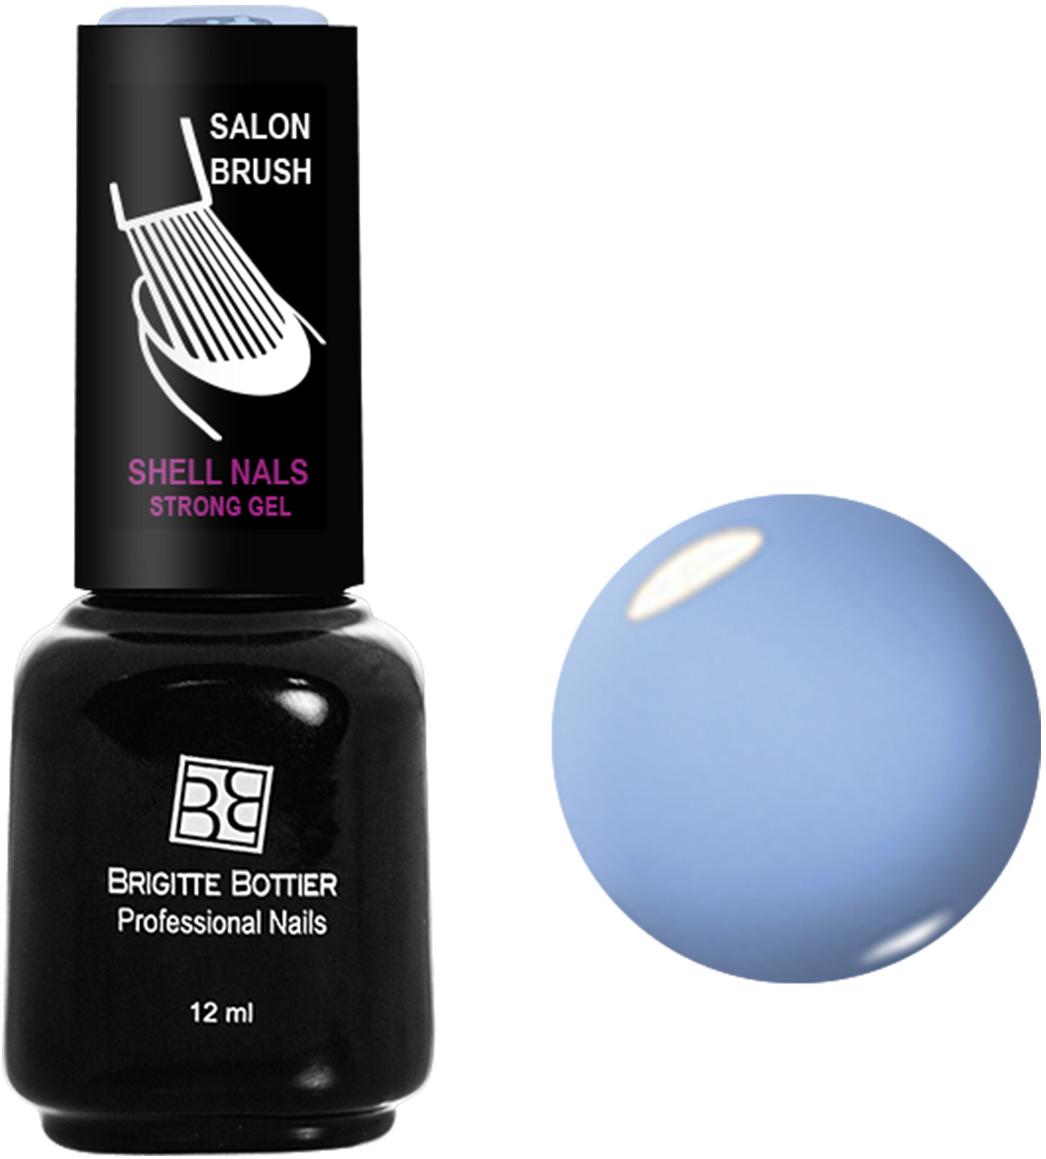 Brigitte Bottier лак для ногтей гелевый Shell Nails тон 907 голубая лазурь, 12 млBB-SN 907Покрытие Shell Nails соединяет лучшие качества геля и лака: быстро и ровно наносится, прекрасно выглядит, совершенно не боится повреждений, снимается без малейшего вреда для ногтевых пластин. Стойкое покрытие Shell Nails имеет классический блеск, насыщенный цвет и отличается невероятной прочностью.